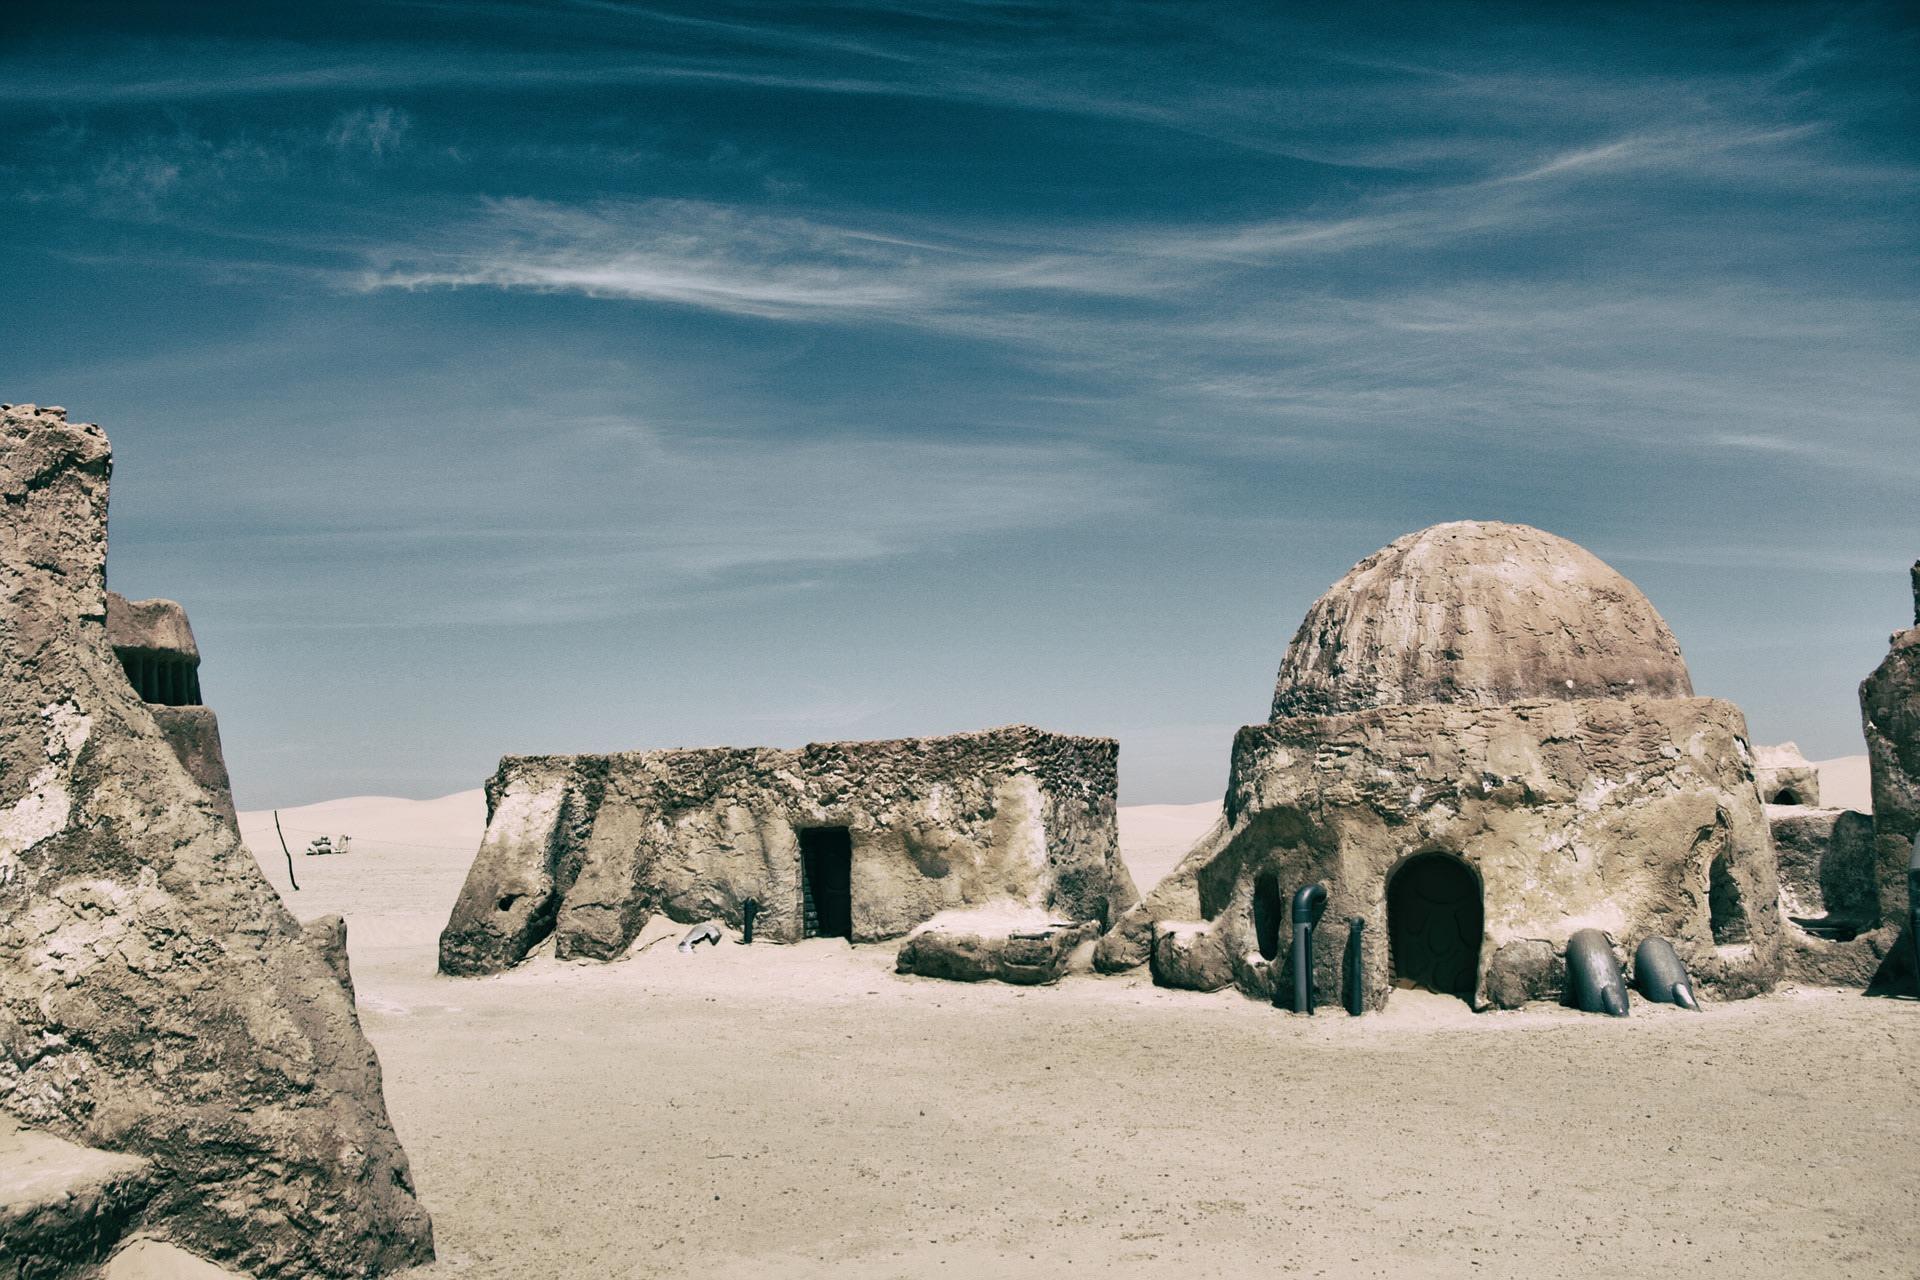 Gate of the Sahara